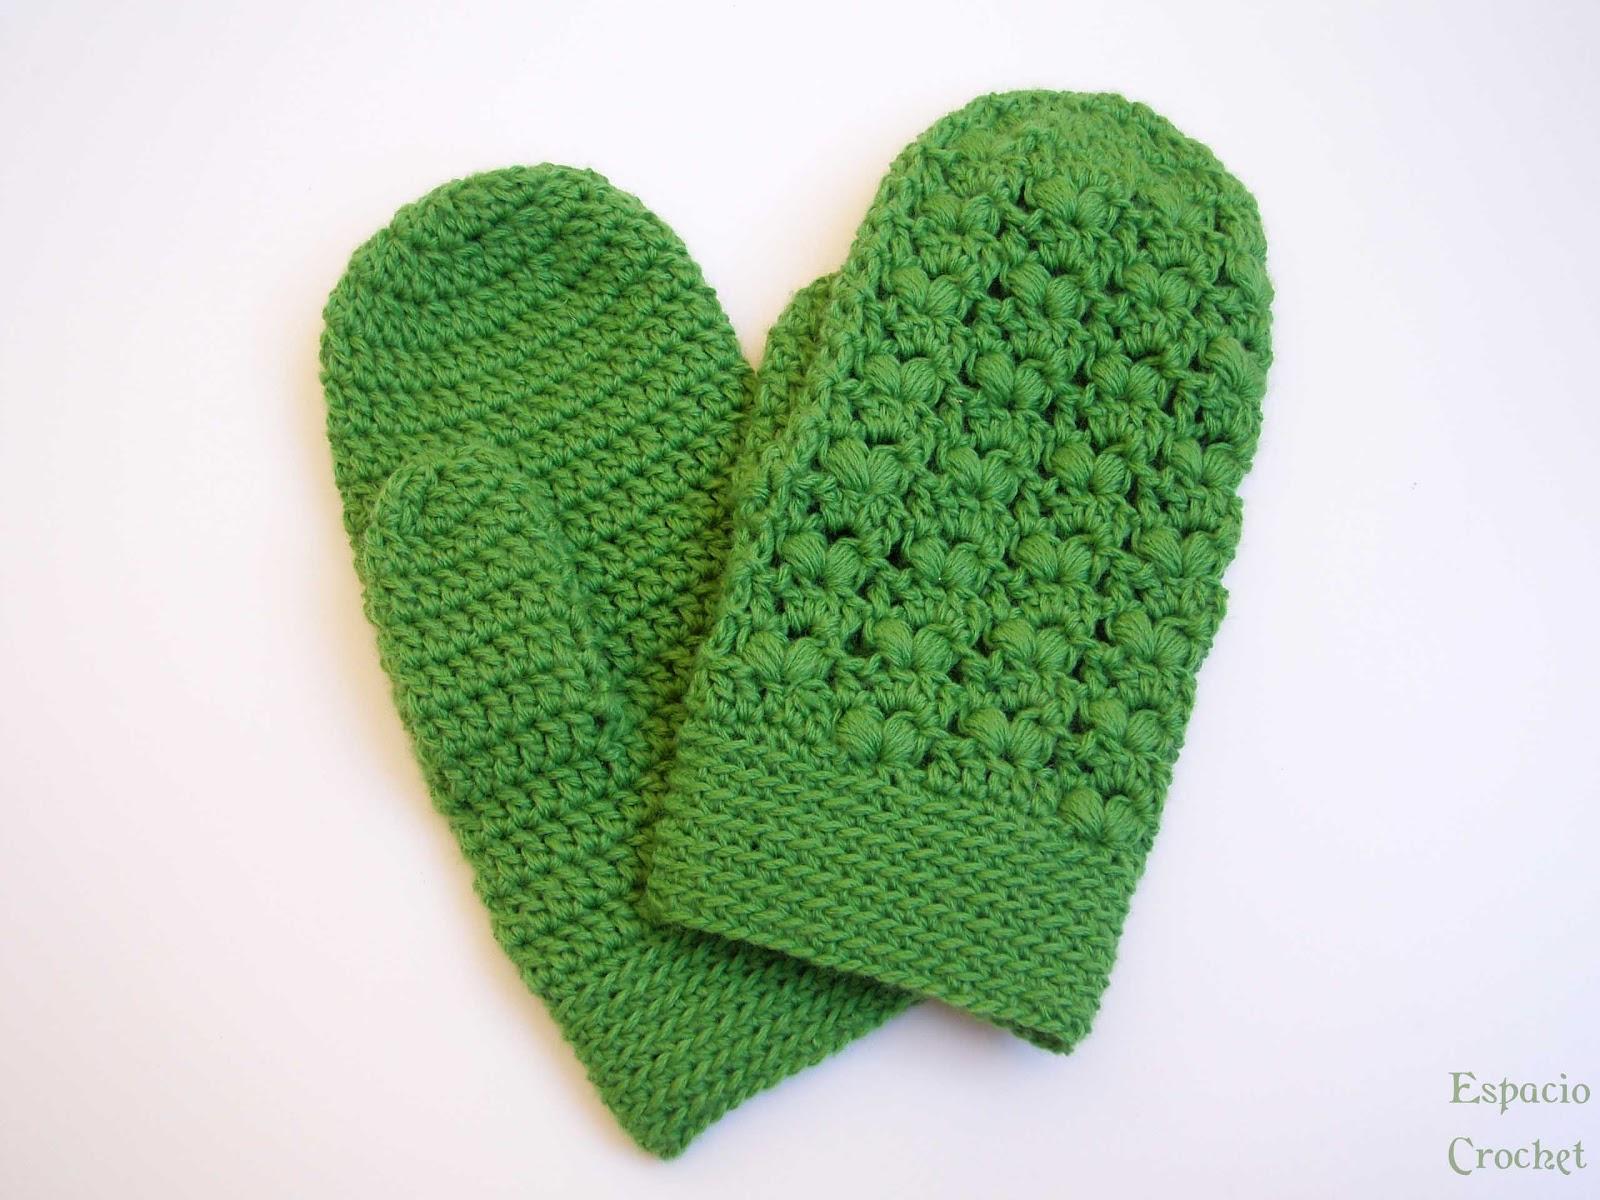 Manoplas   Espacio Crochet